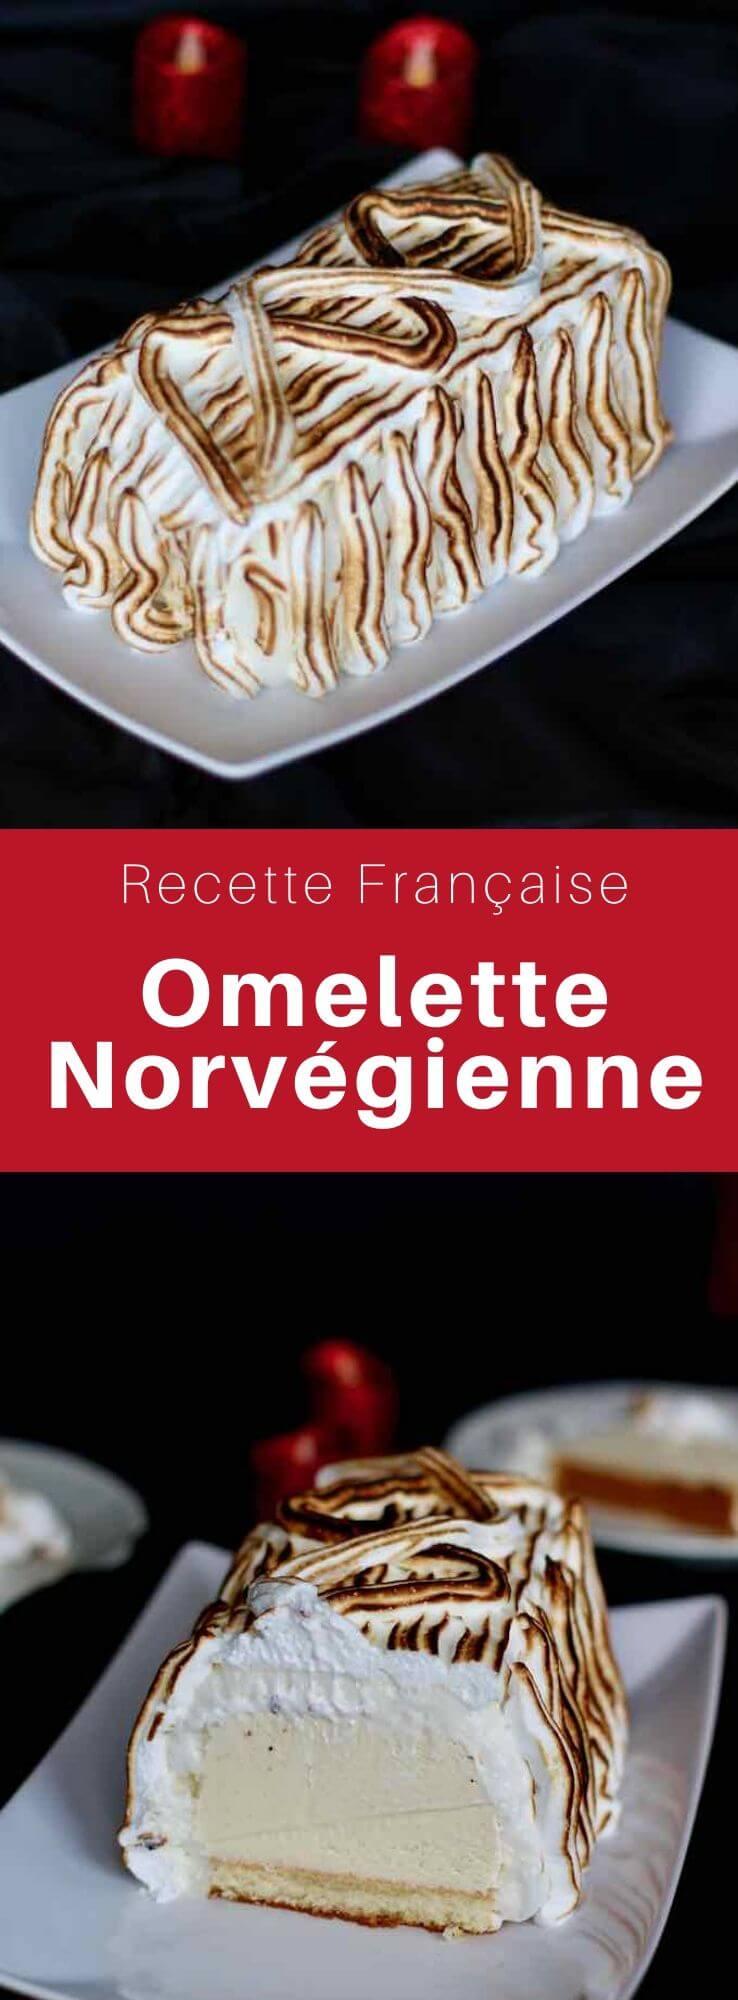 L'omelette norvégienne est un dessert à base de glace à la vanille recouverte de meringue posée une génoise, et passée au four puis flambée au Grand Marnier. #France #French #FrenchCuisine #FrenchDessert #CuisineDuMonde #196flavors